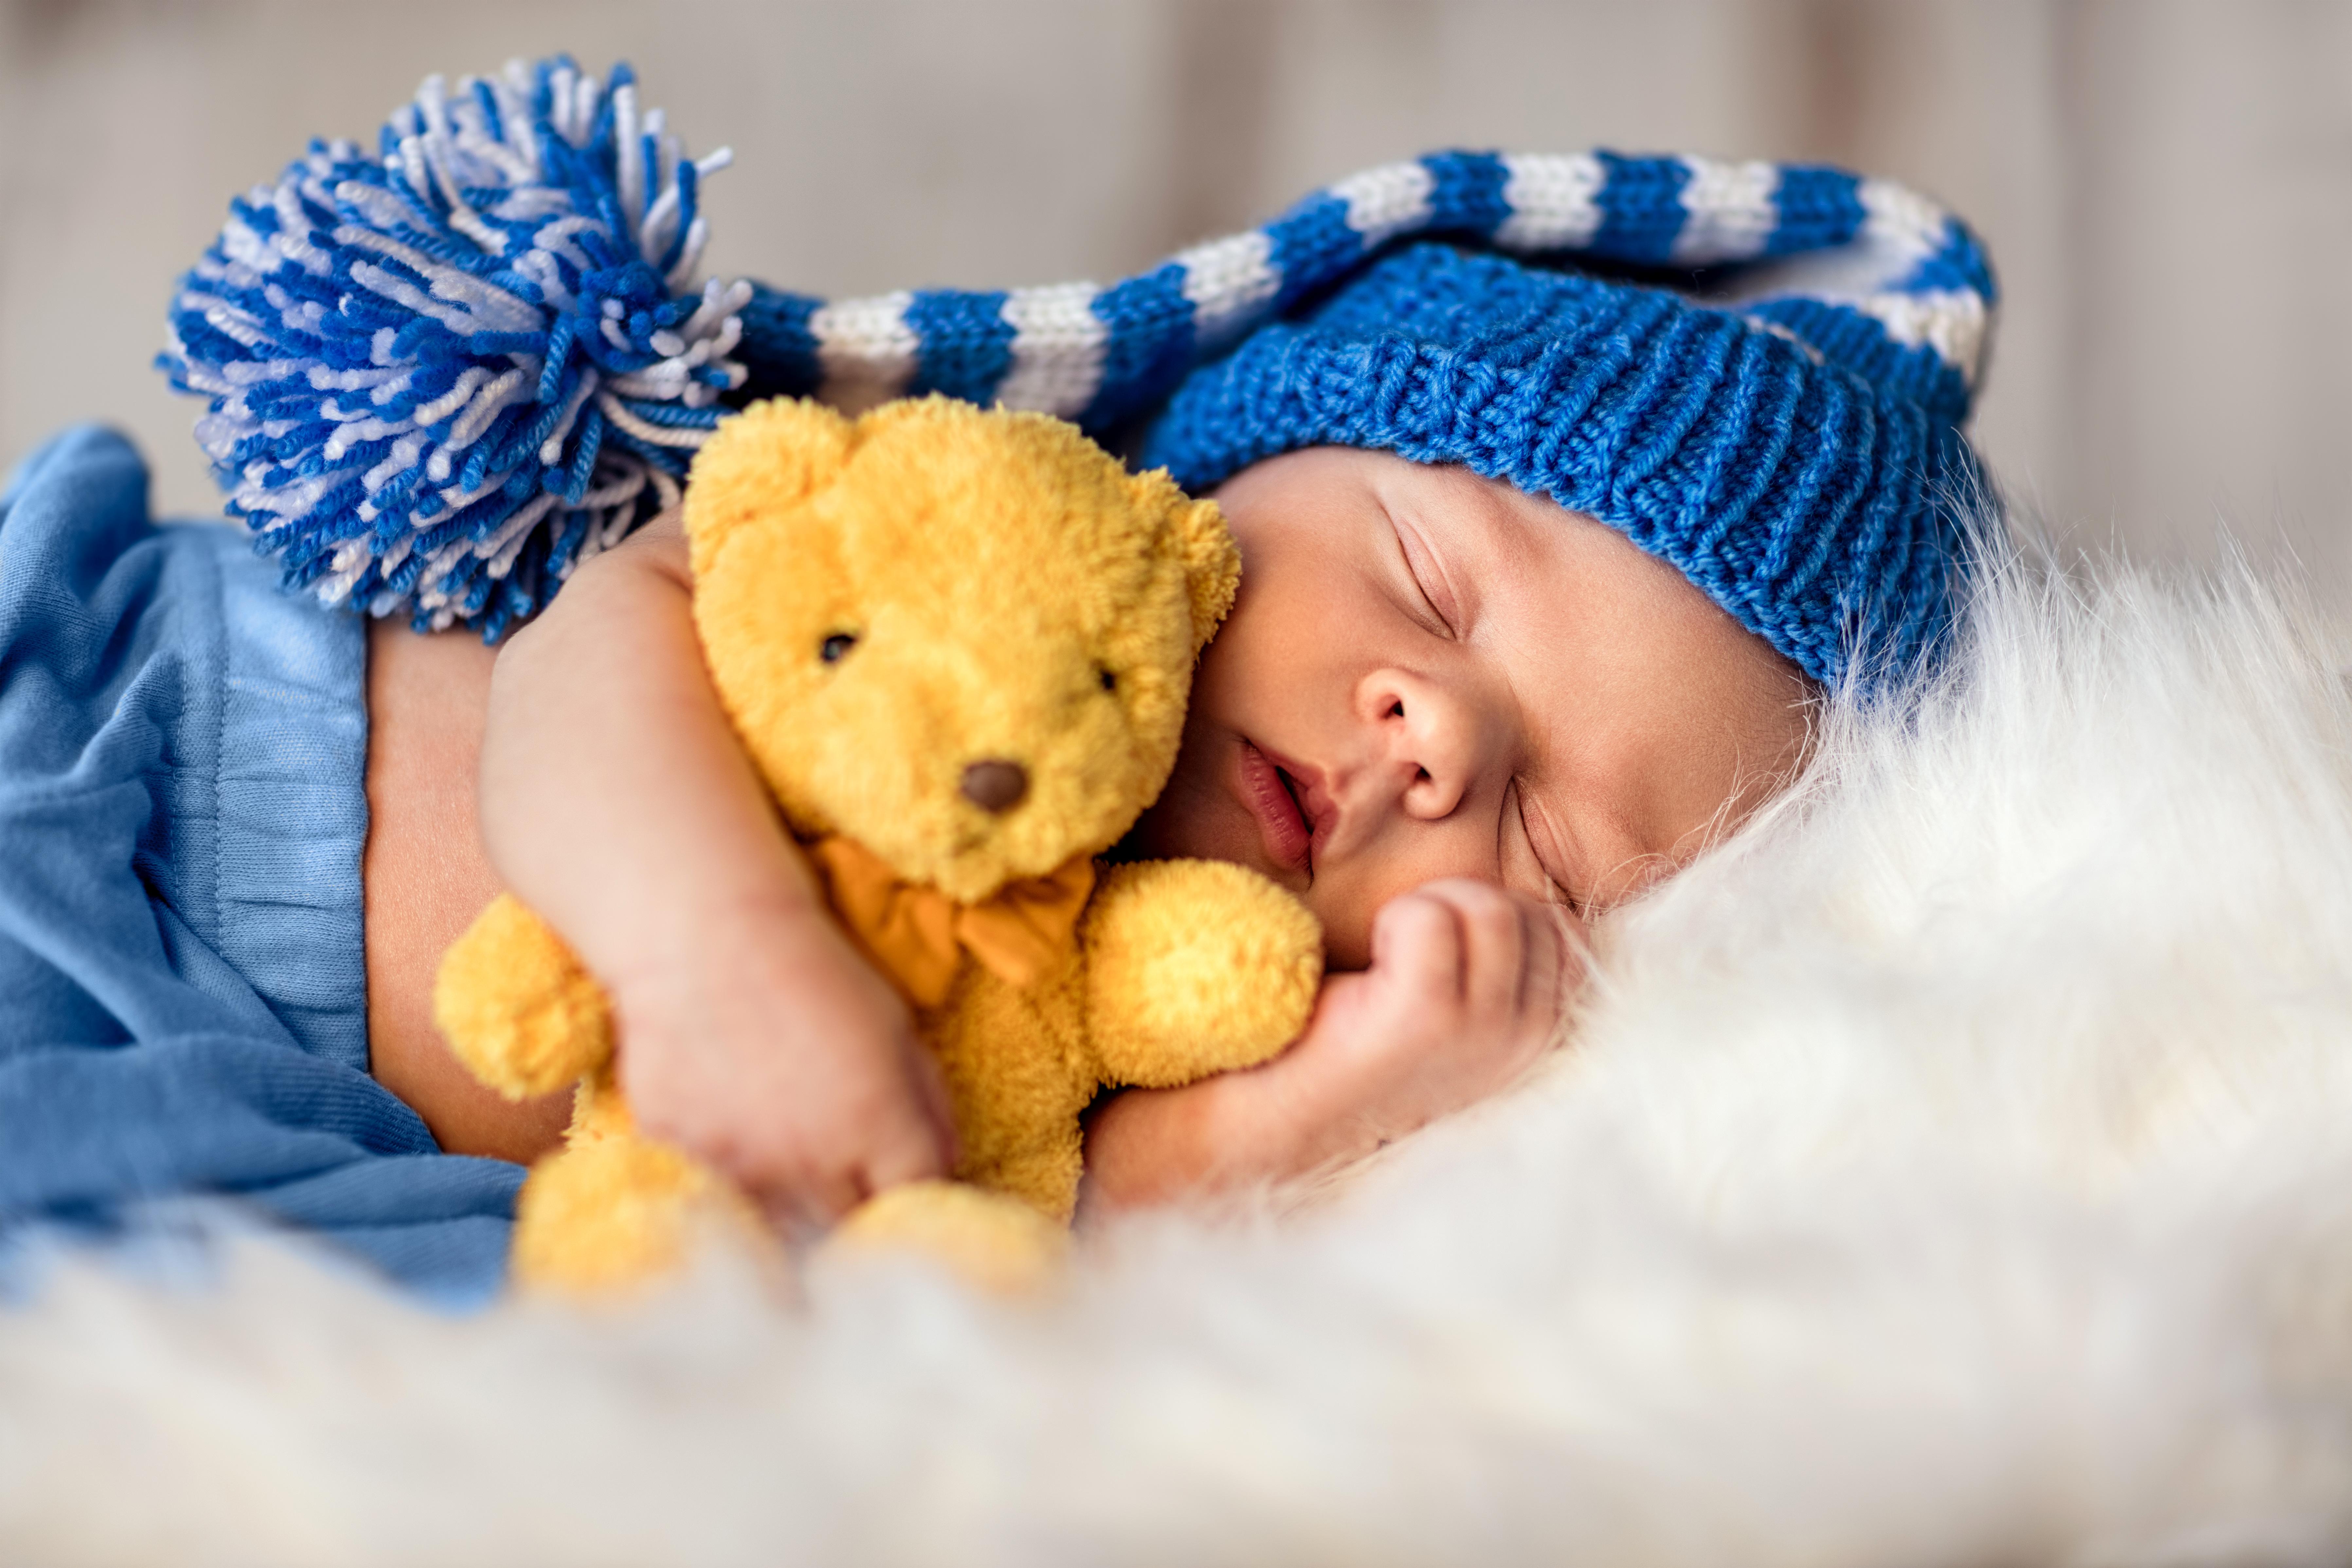 Советы по приучению ребенка спать всю ночь